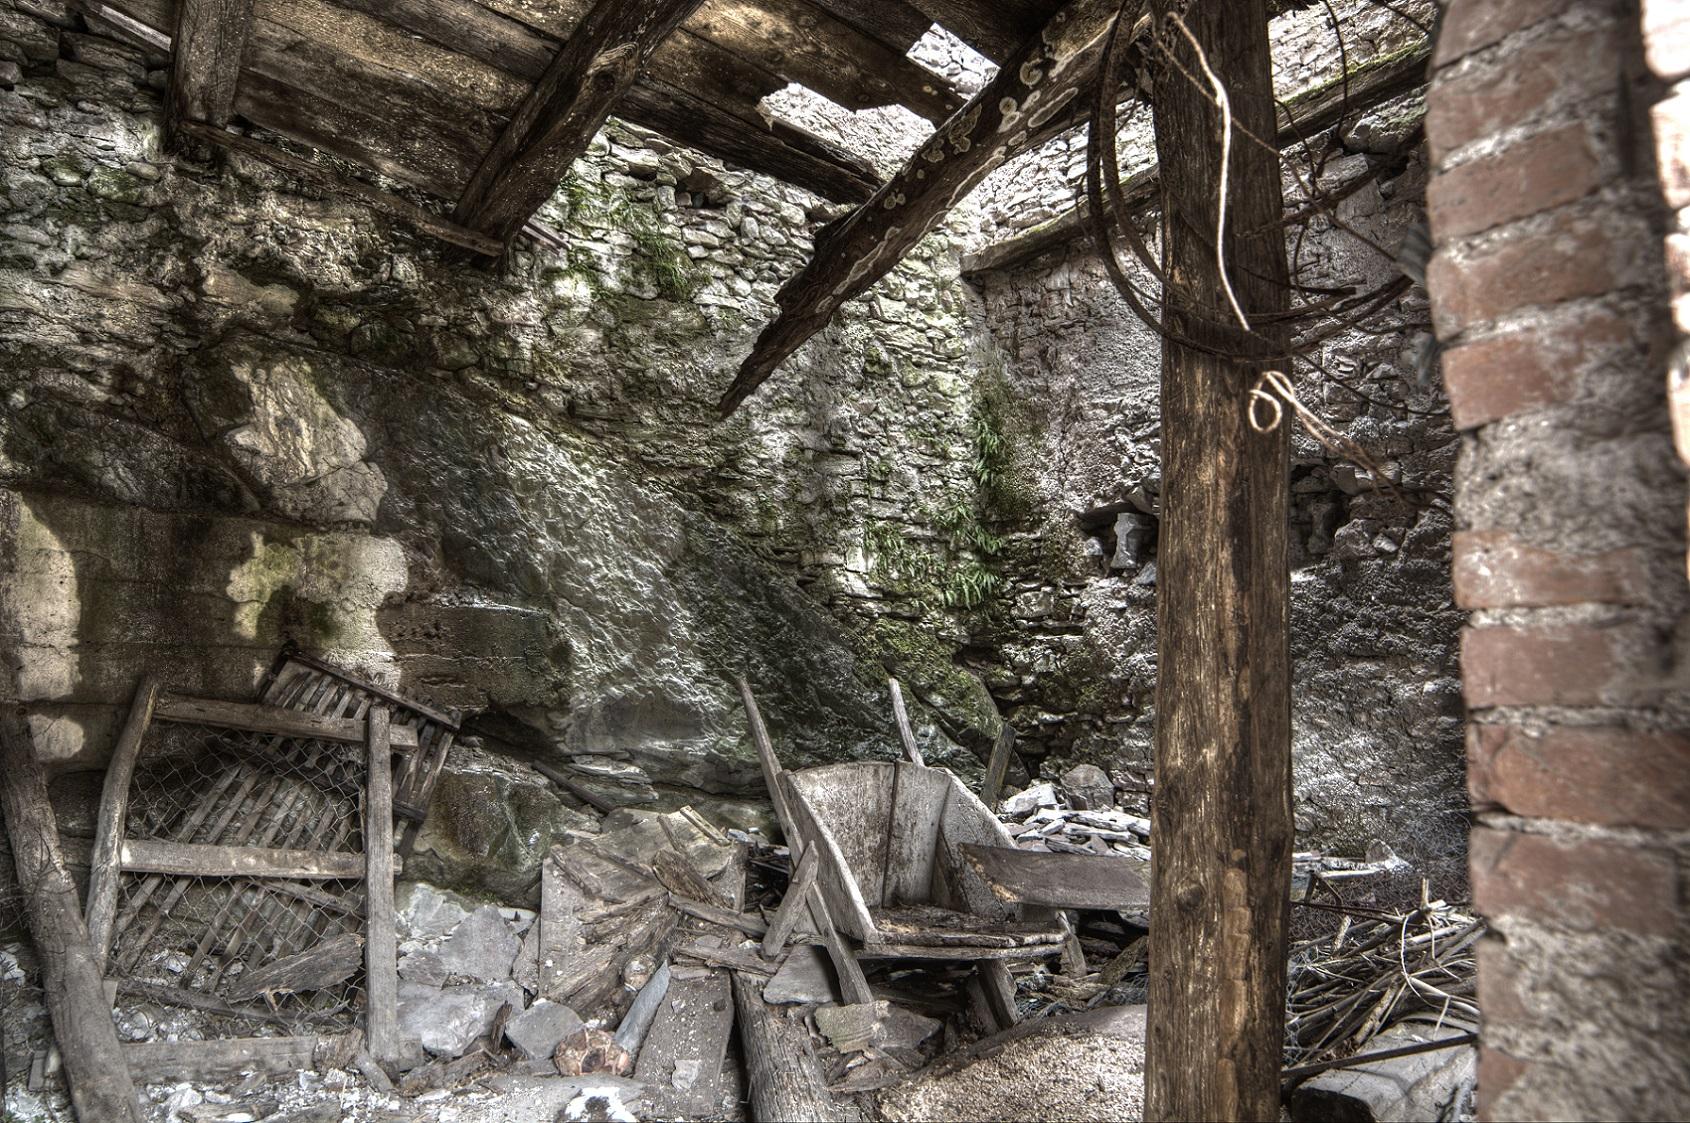 Abbandono Casso, Dolomiti Contemporanee